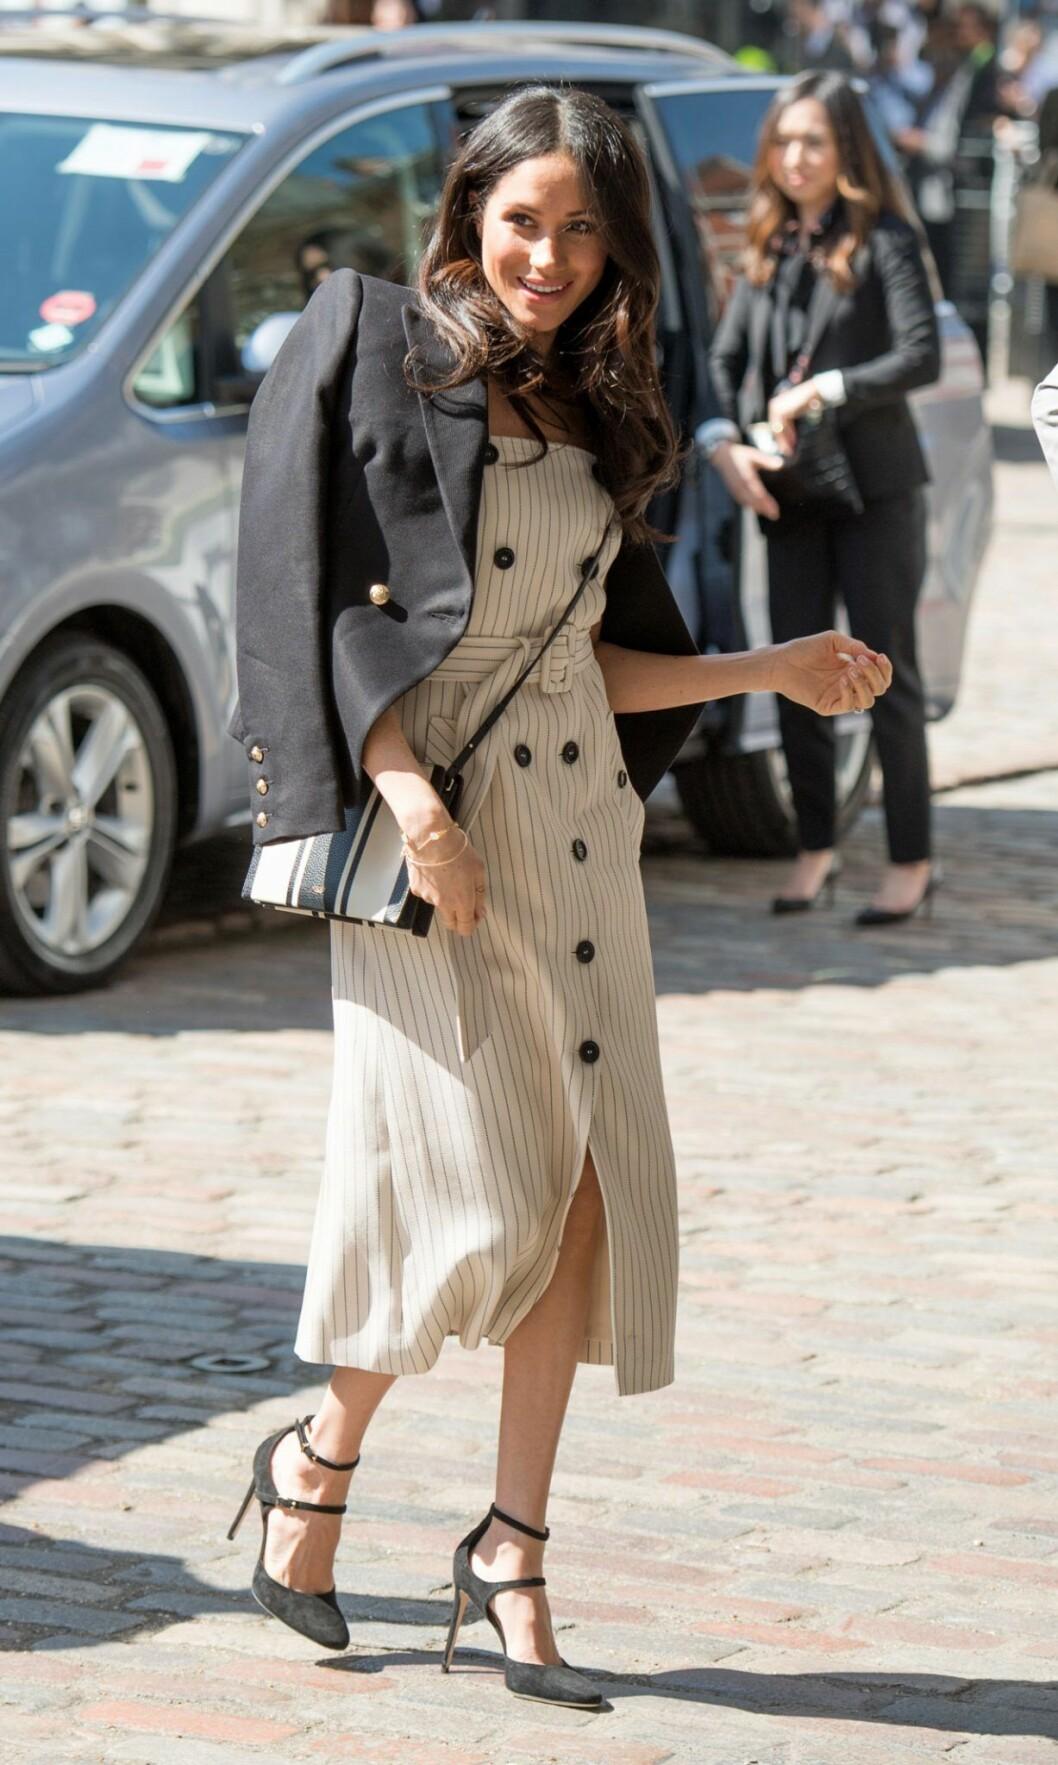 Meghan Markle i randig klänning